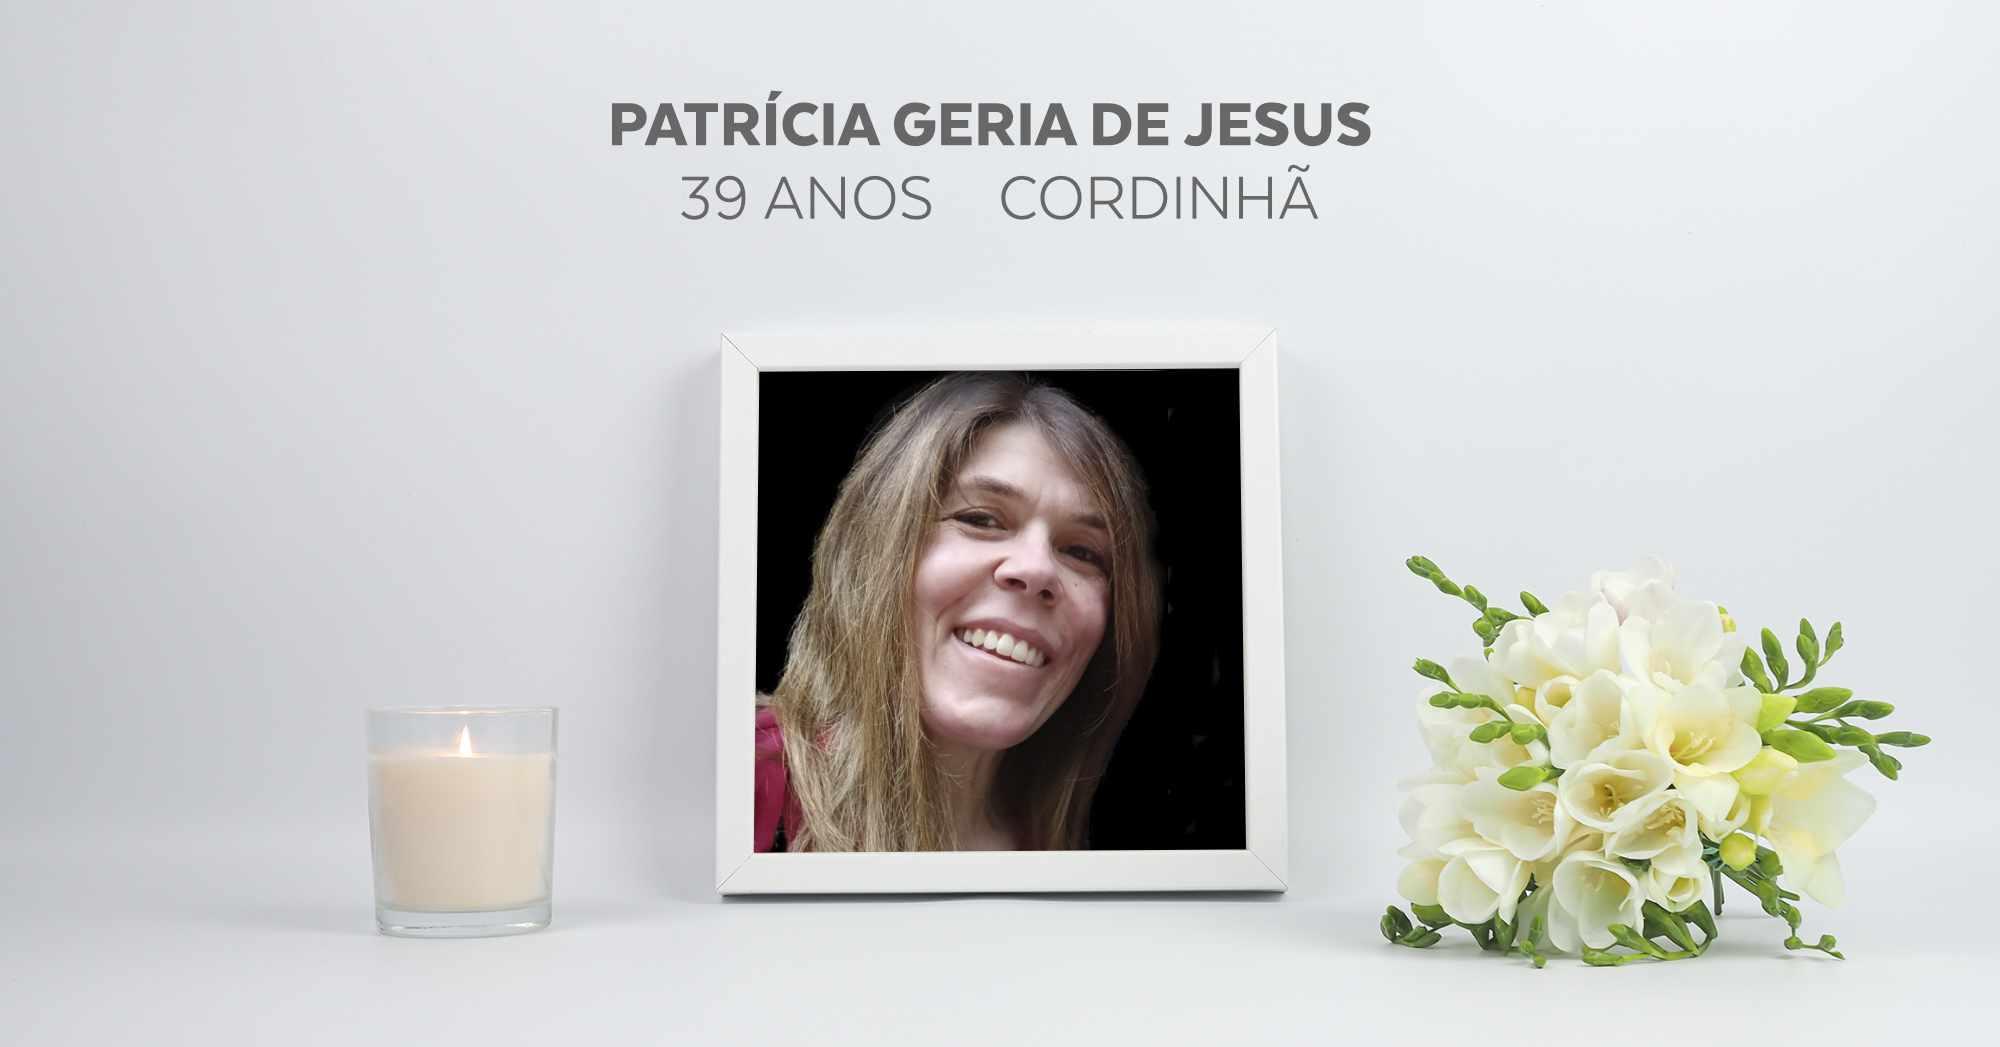 Patrícia Geria de Jesus